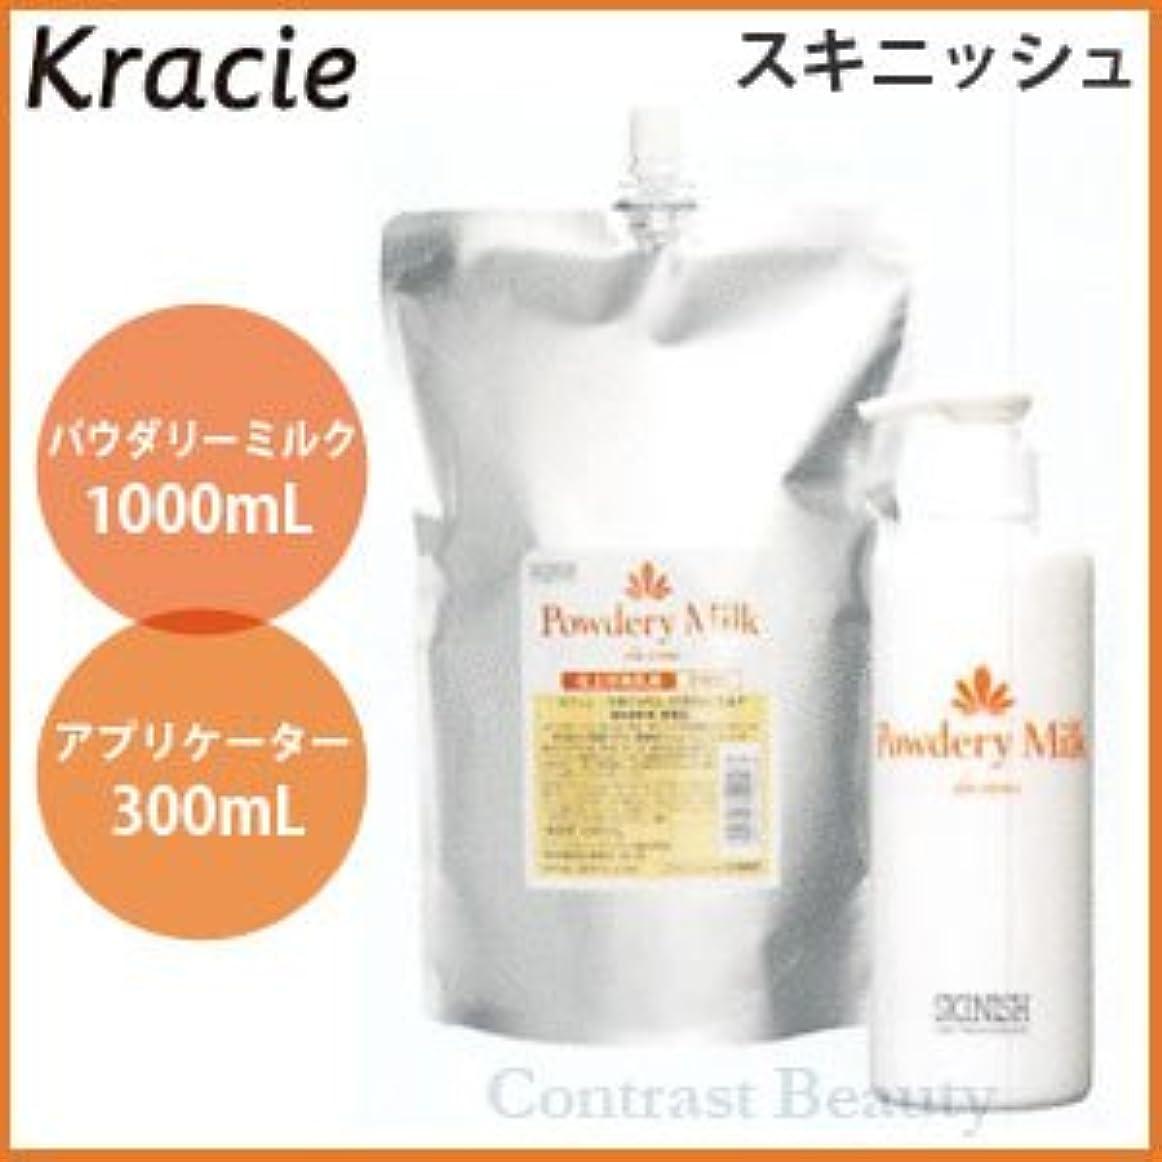 石化する予定経過クラシエ スキニッシュ パウダリーミルク 1000ml 詰替え用 & アプリケーター 300ml